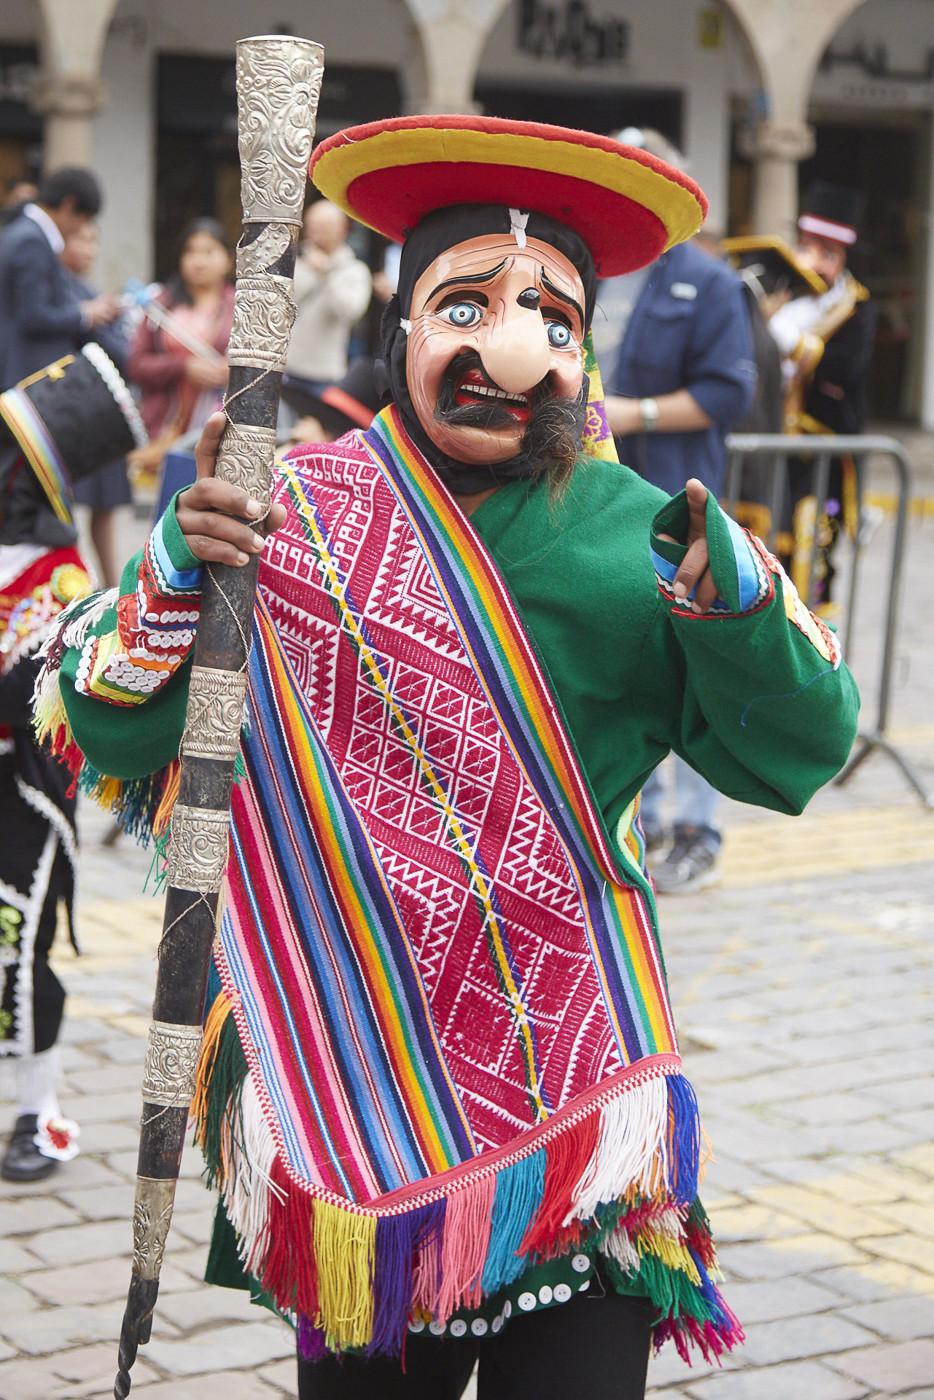 Maske mit Knollnase, Sombrero und Schnauzbart, ein grüner Pulli und eine mit buntem Muster bestickte Scherpe trug dieser Teilnehmer der Parade in Cusco